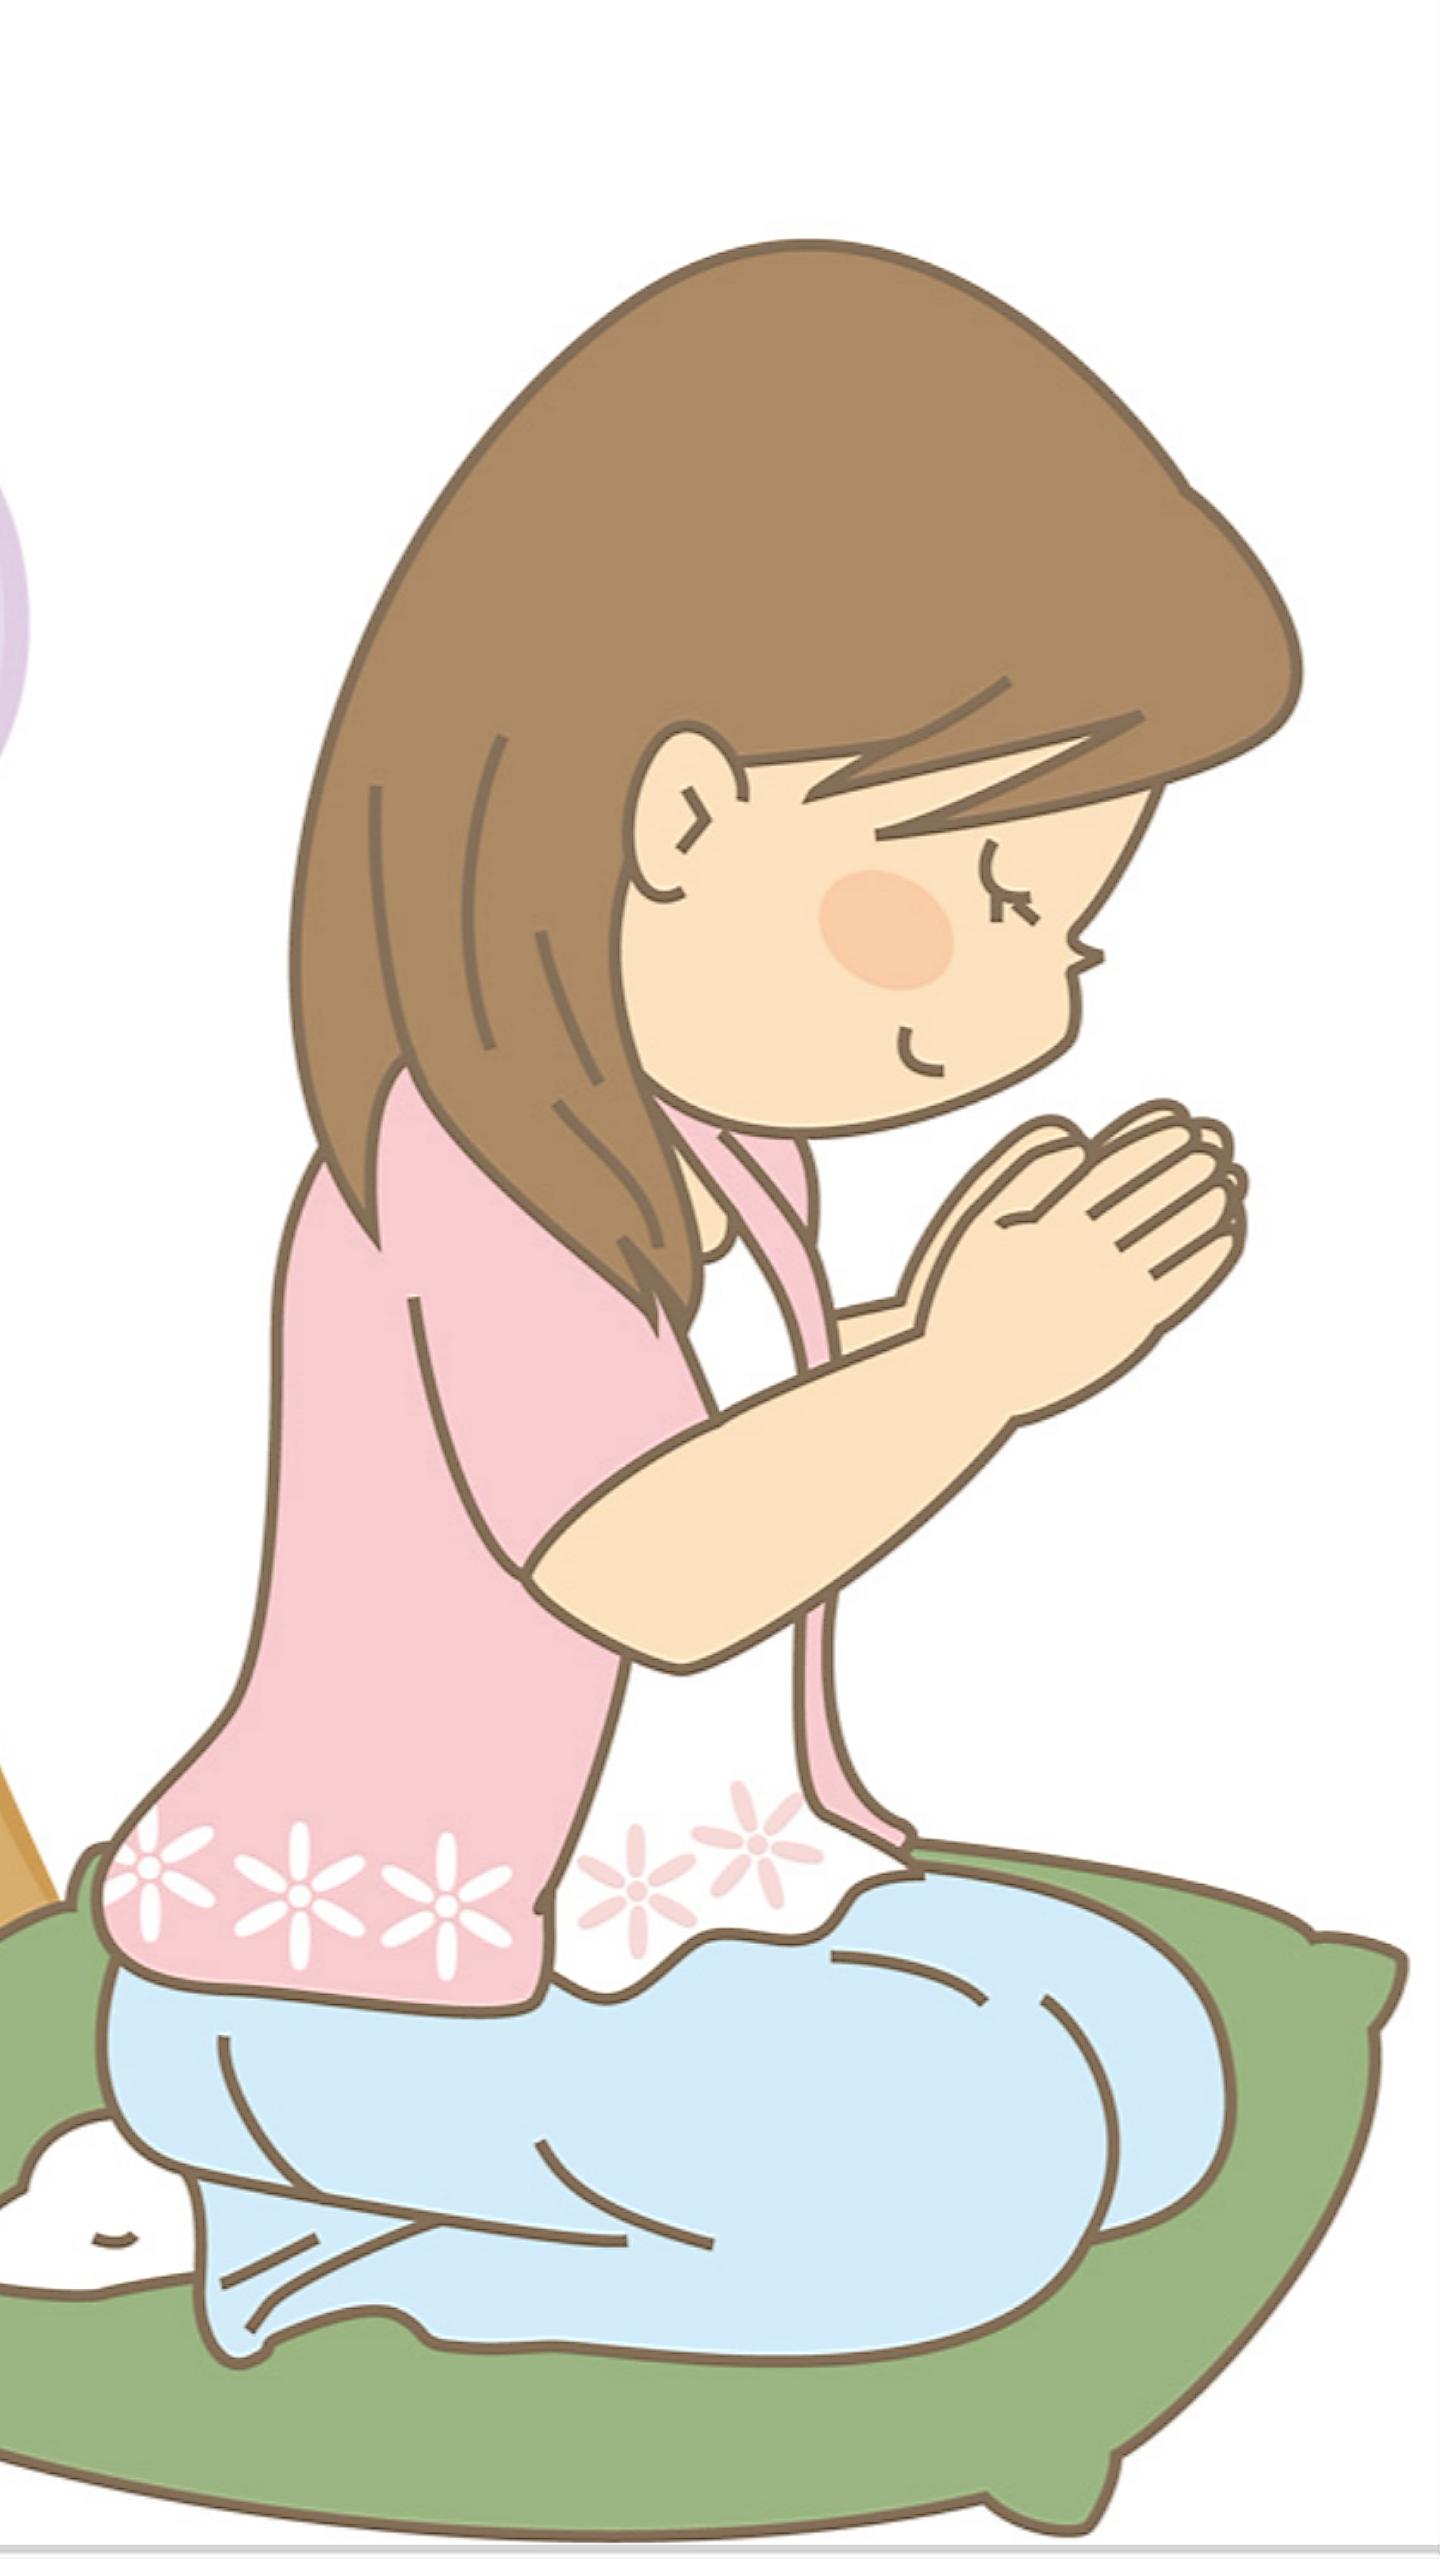 お仏壇にお焼香したりお墓参りのときに、手を合わせて何を話していますか?